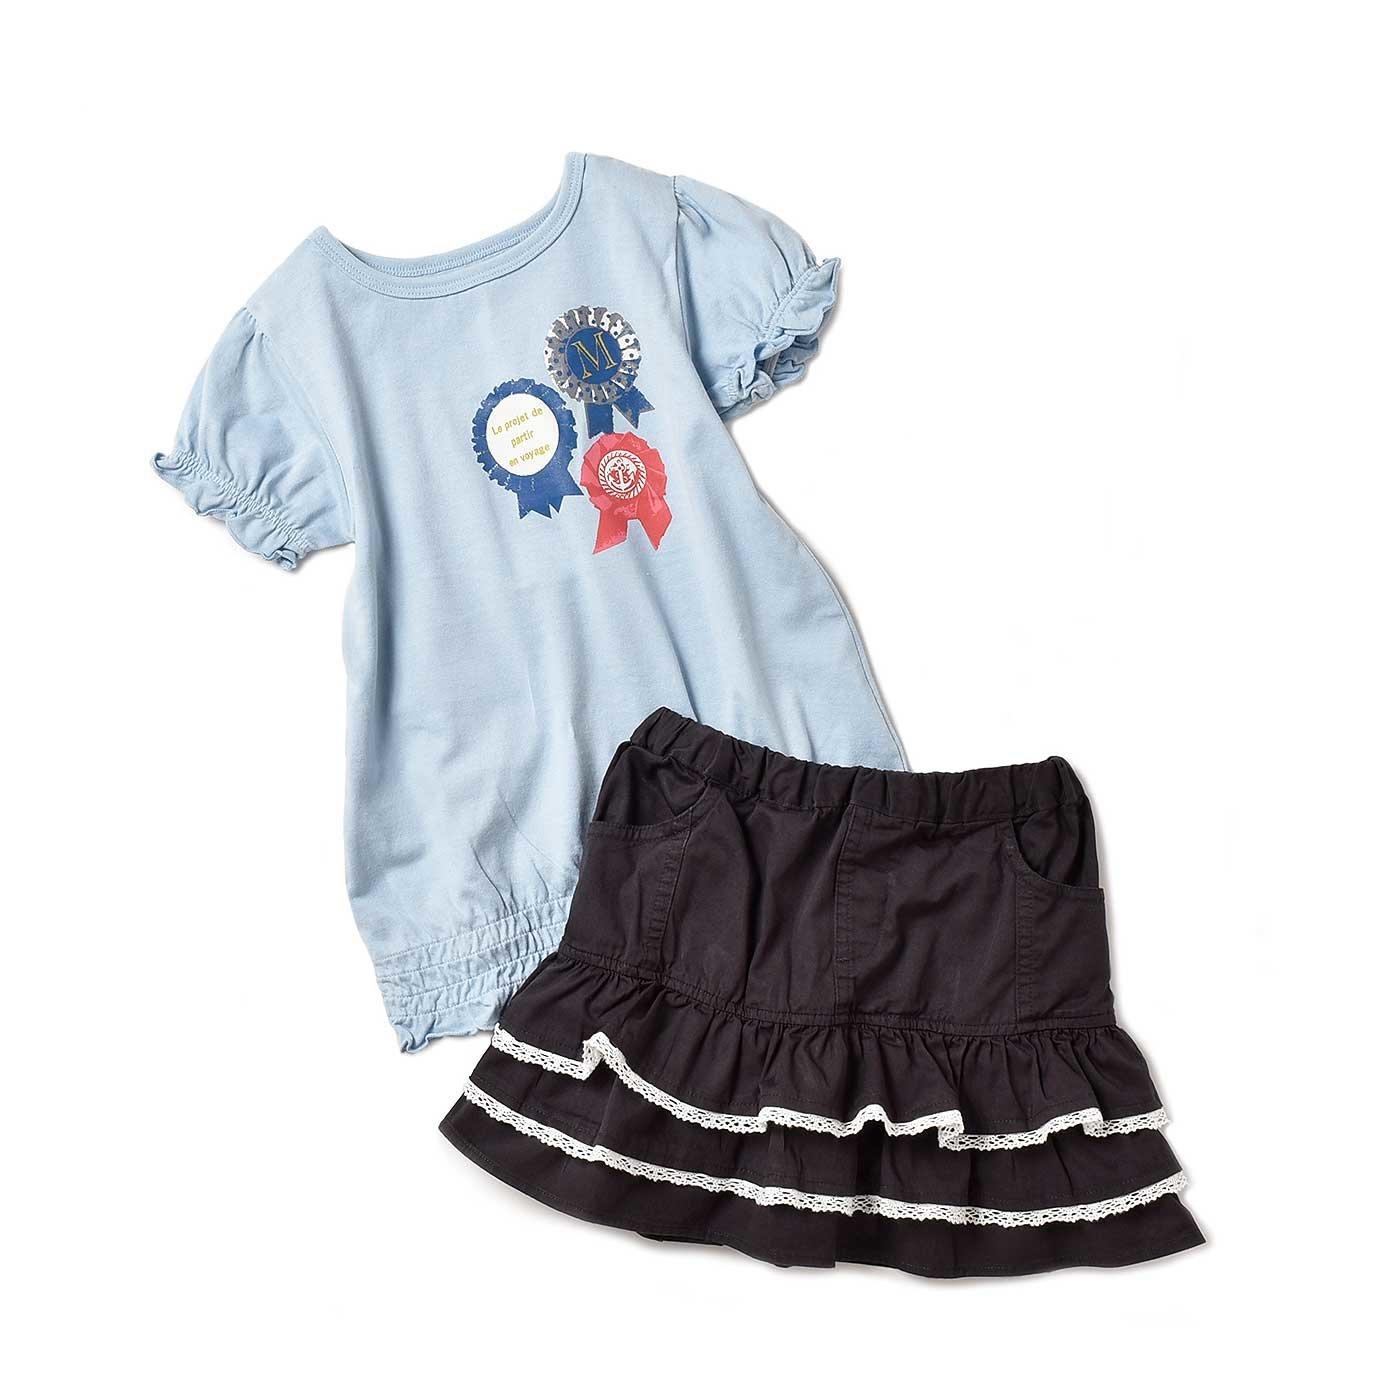 モンシュー ベー クールでキュート!! 遊び心いっぱいのちょい甘ガールズスーツ〈ライトブルー×ブラック〉